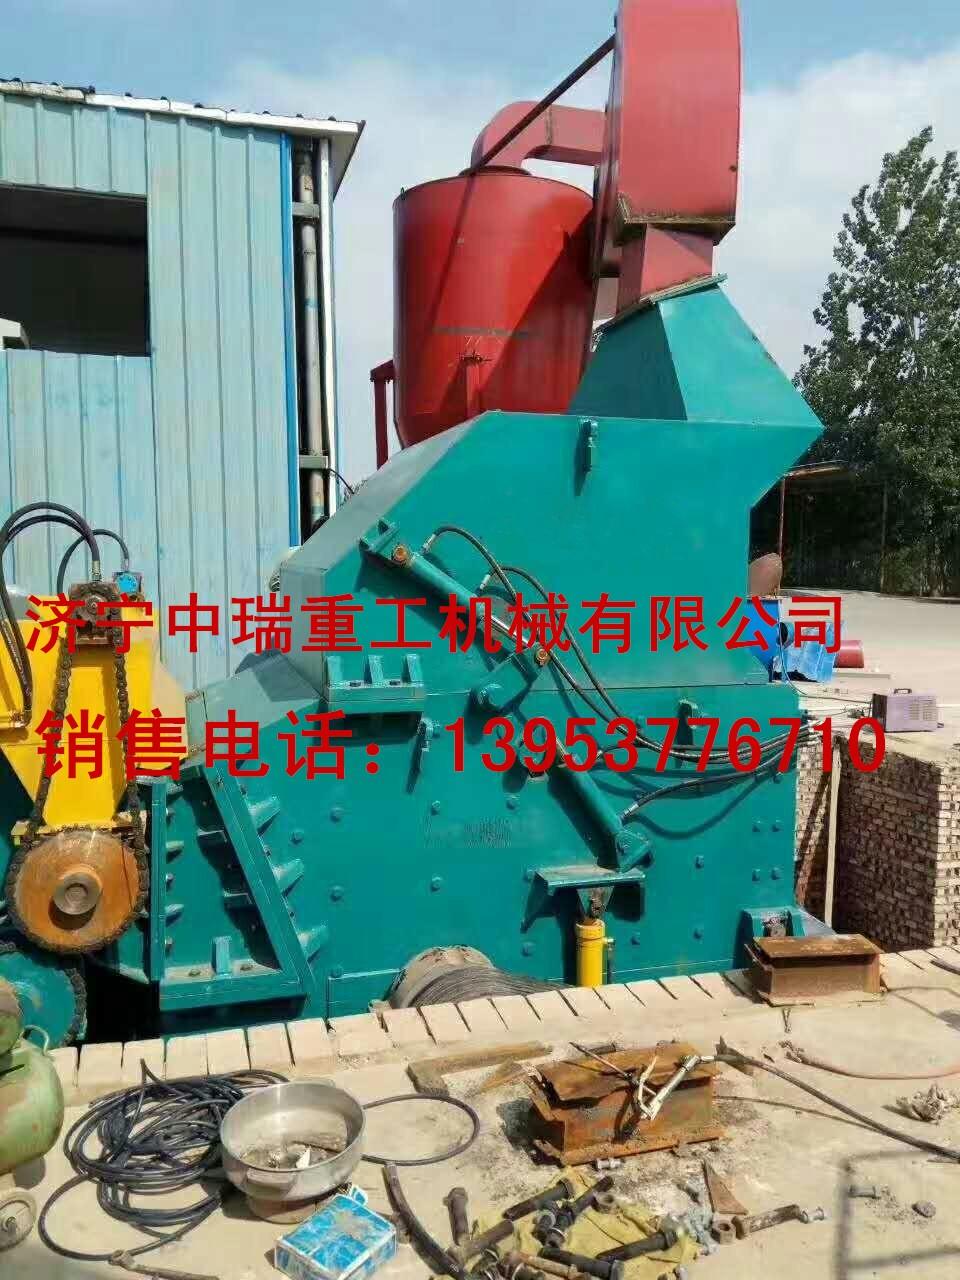 岳阳大型废钢破碎机中瑞再生资源高效稳定的废钢处理设备